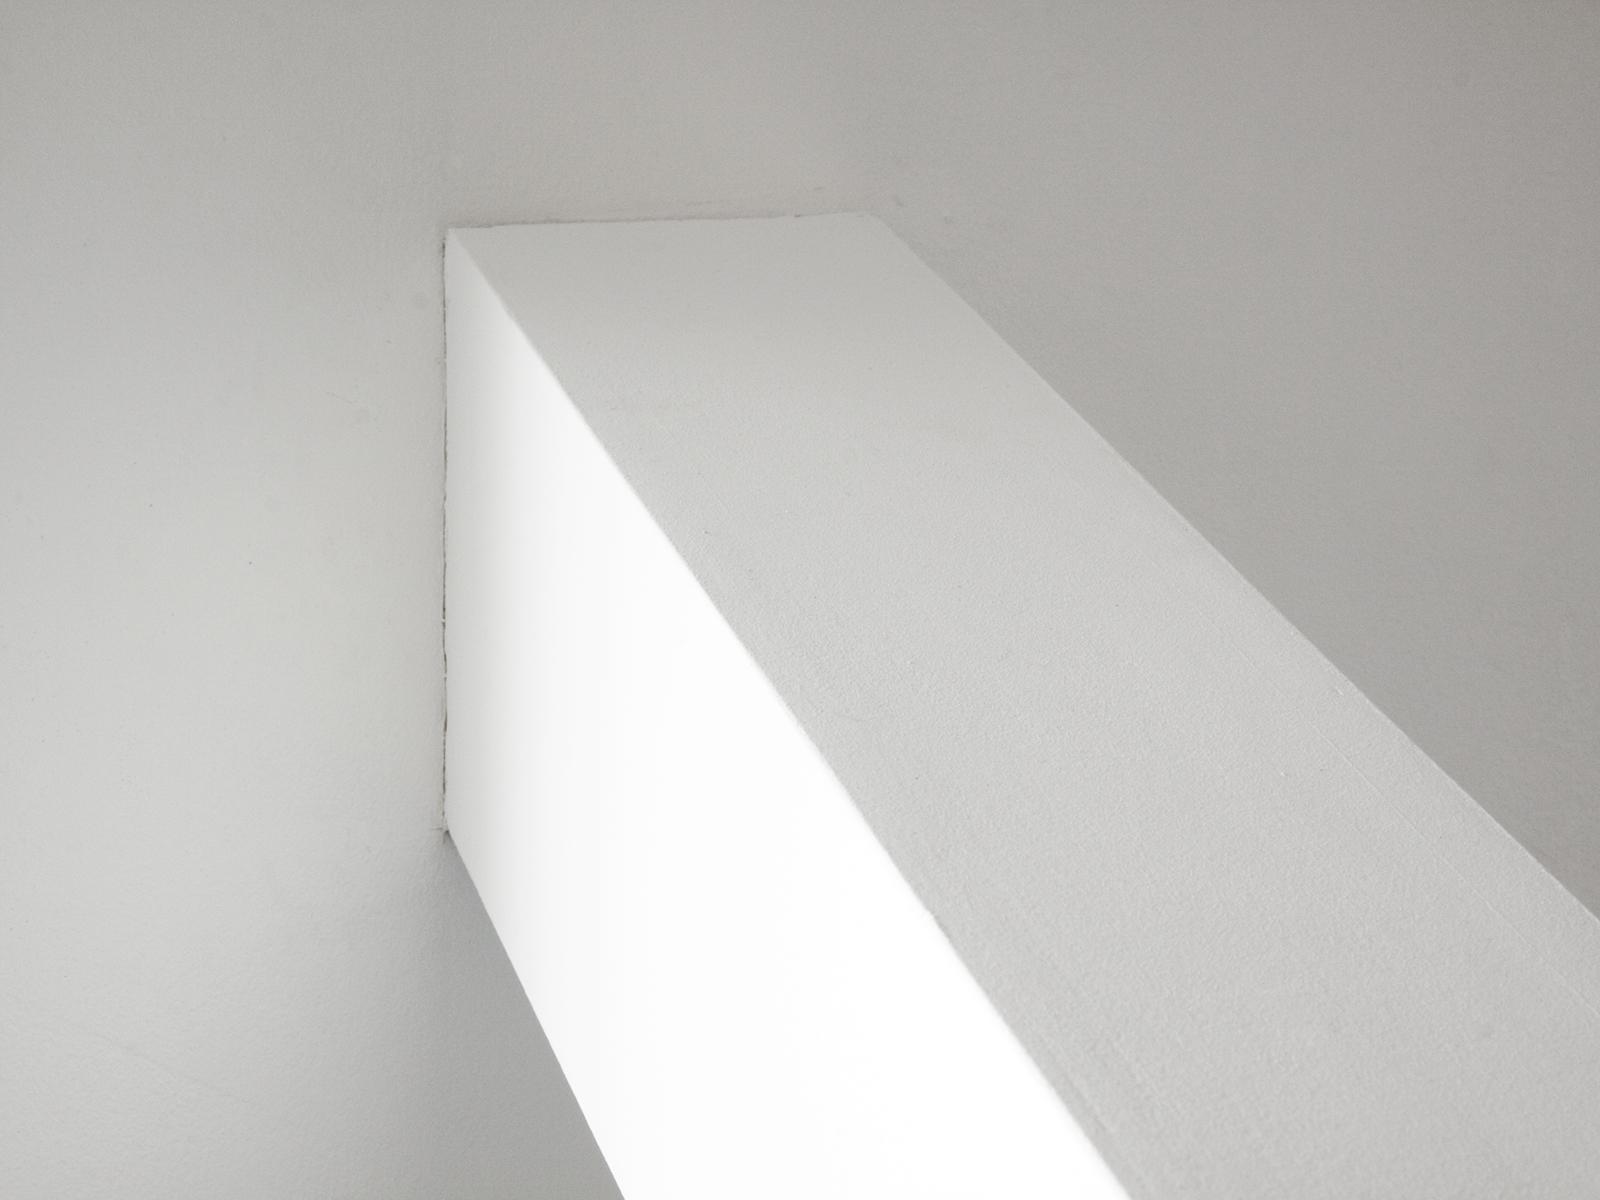 Benoit-Delaunay-artiste-installations-2010-Une Sculpture-11